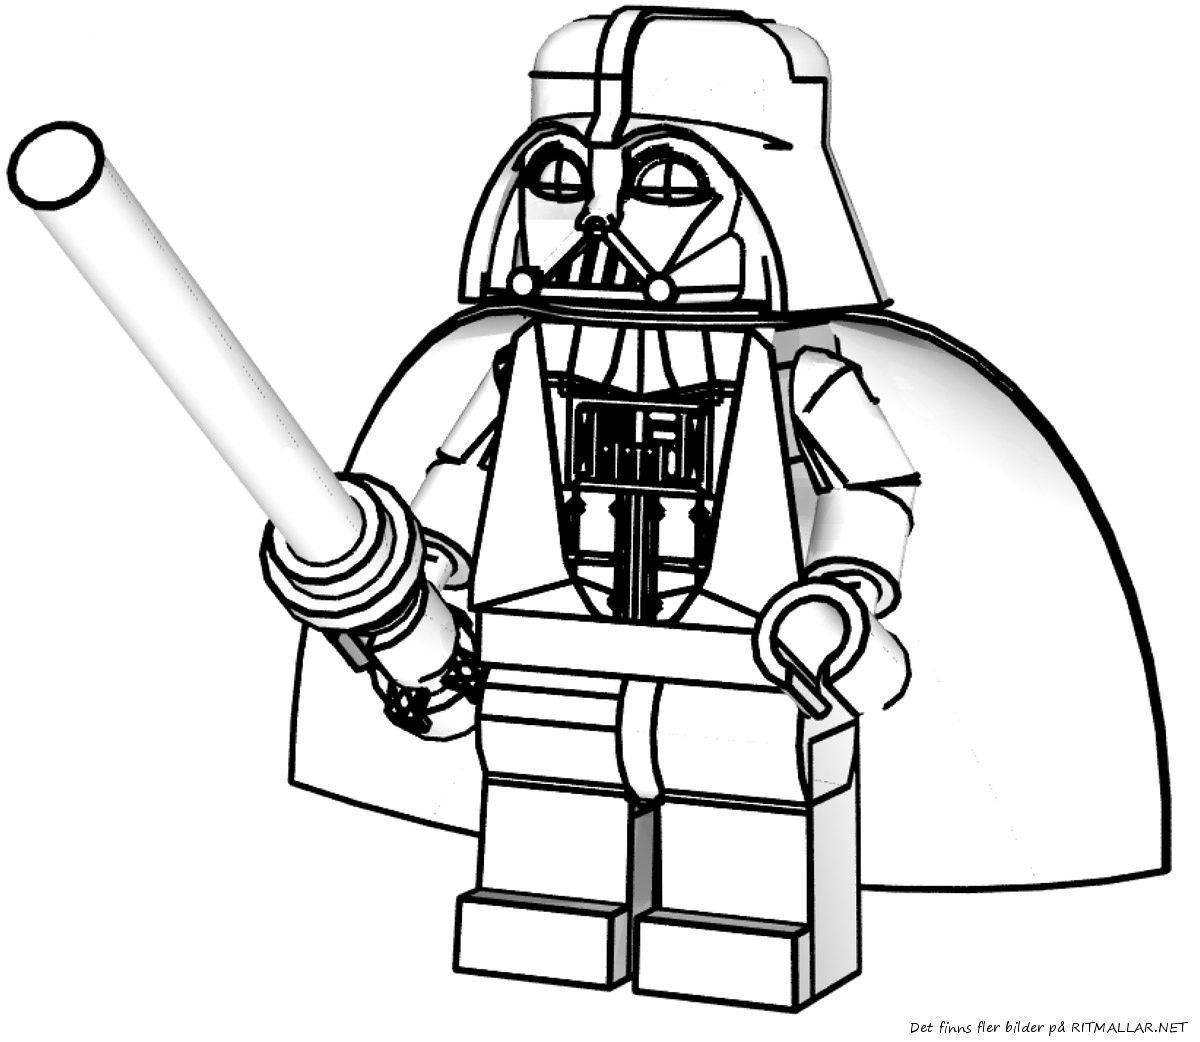 20 Exclusif Lego Star Wars Coloriage Pics  Darth vader, Disney